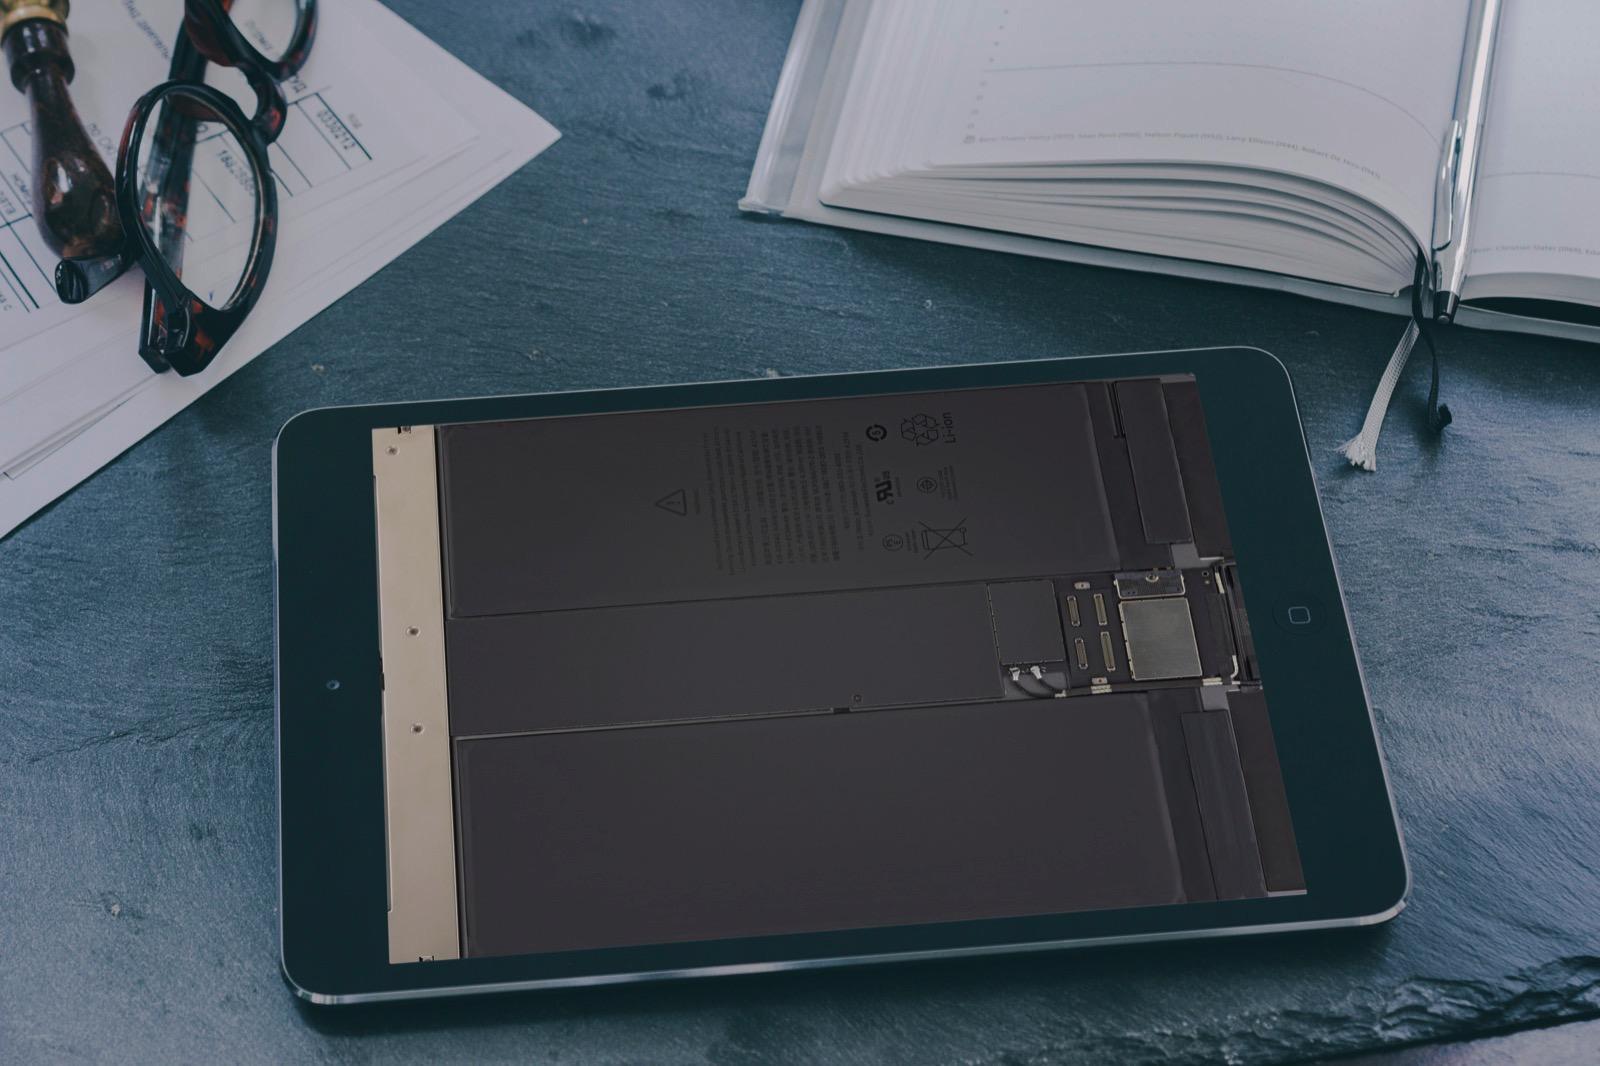 Ipad Air 3 の内部が透けて見える シースルー壁紙が公開 ゴリミー